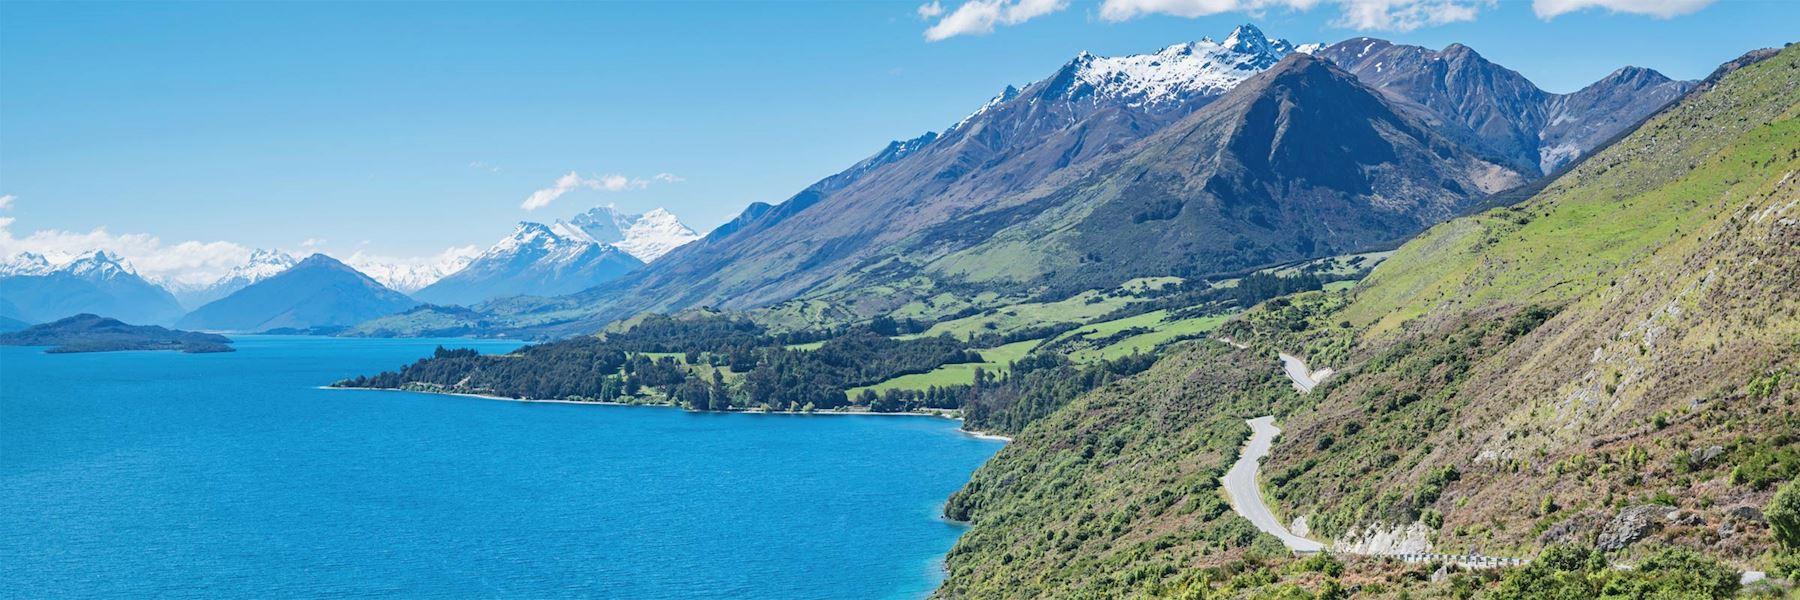 Visit Glenorchy, New Zealand